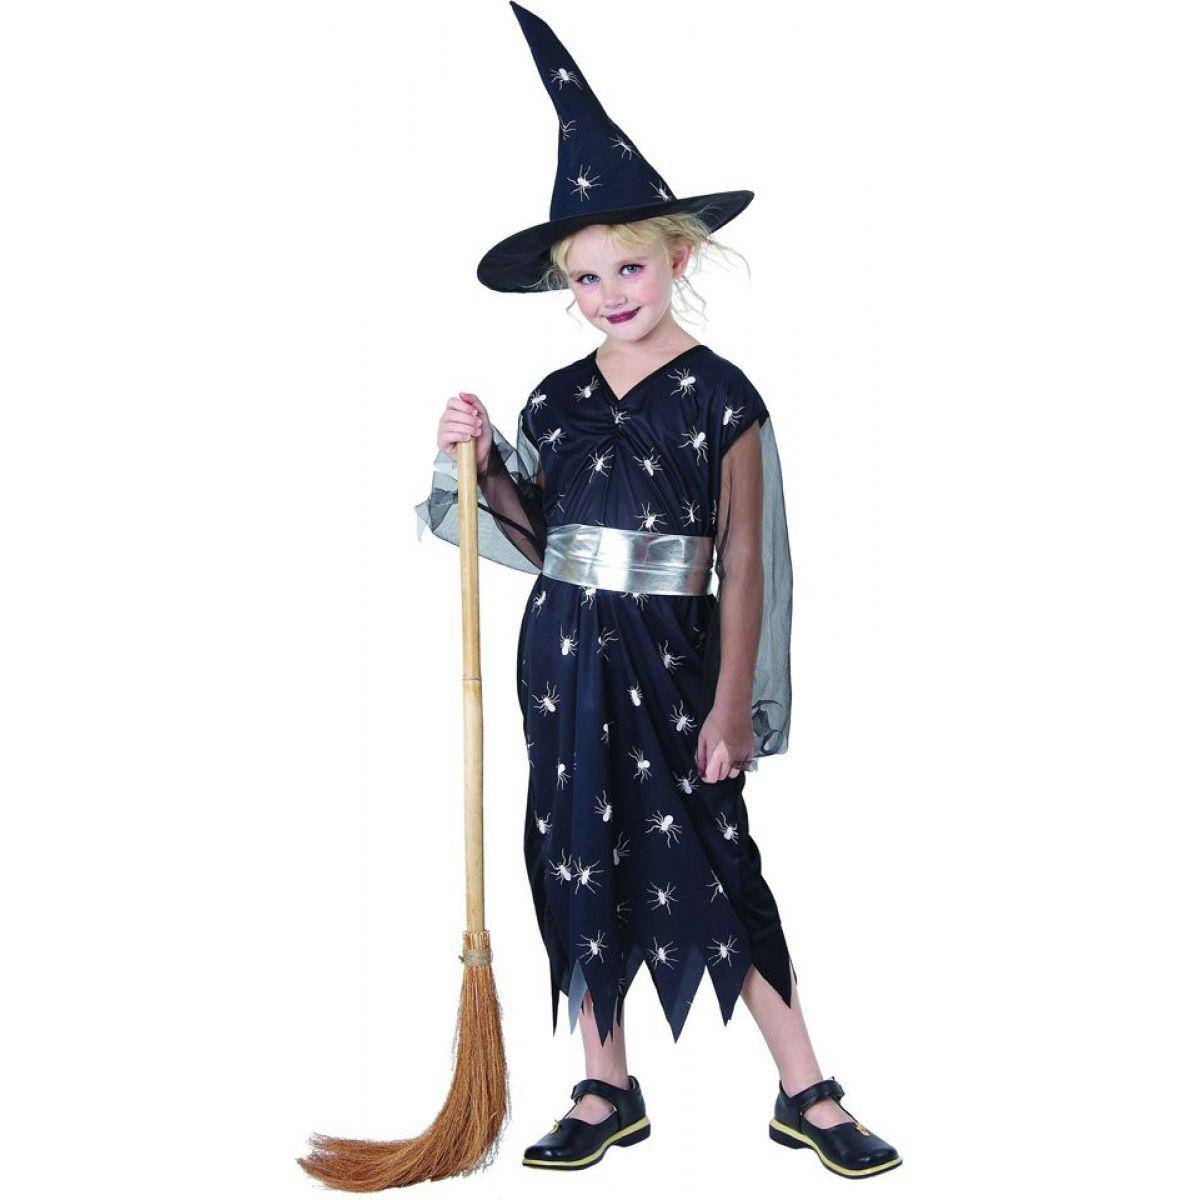 Made Dětský kostým Čarodějka pavouk 120-130cm